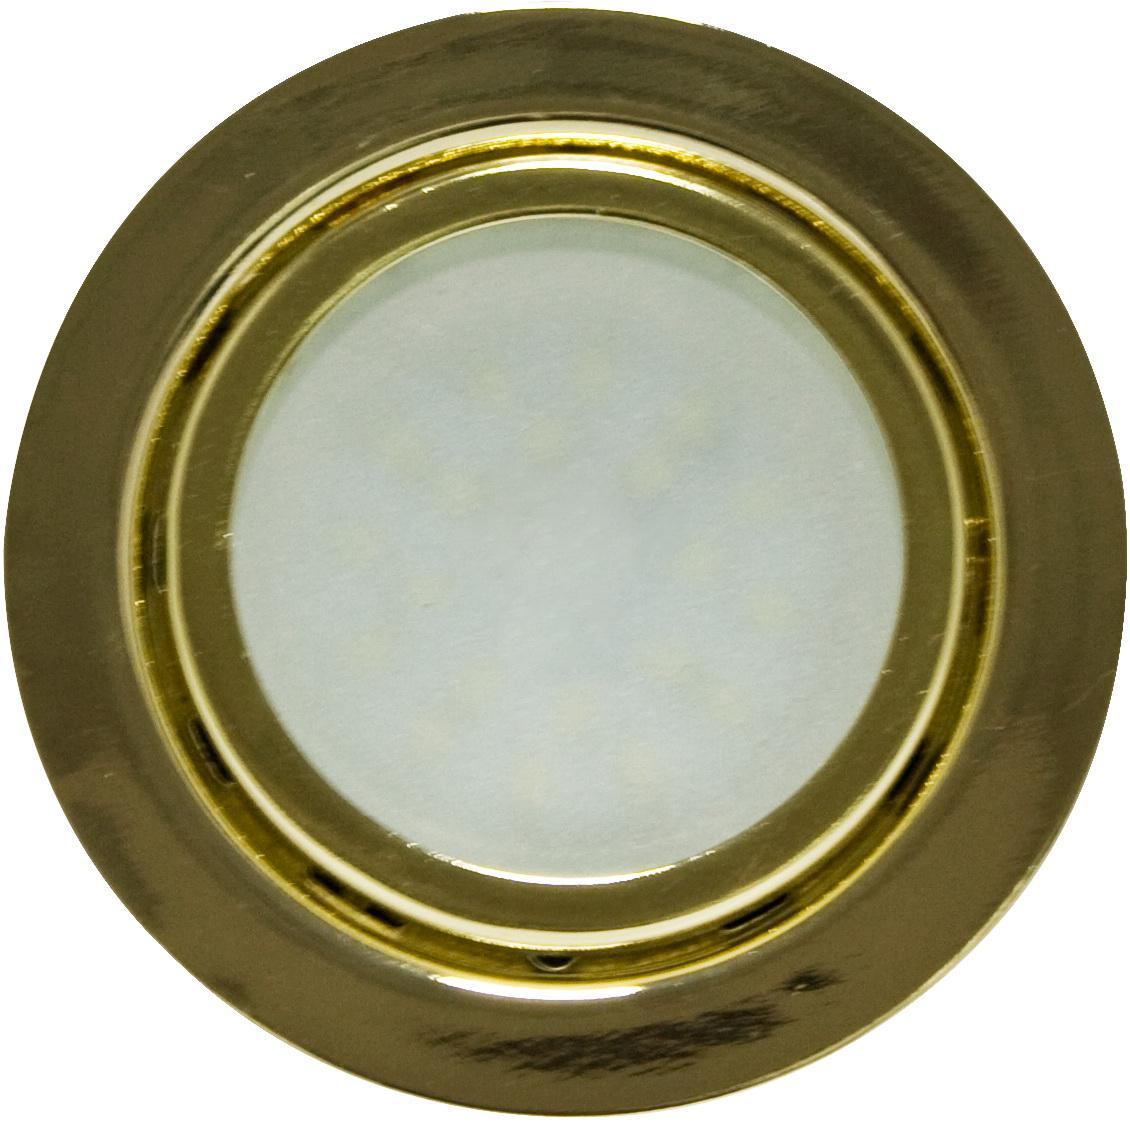 Светильник De fran Ft 9223 smd g светильник led smd-20шт 180лм 6400к золото светильник de fran ft 861 ch